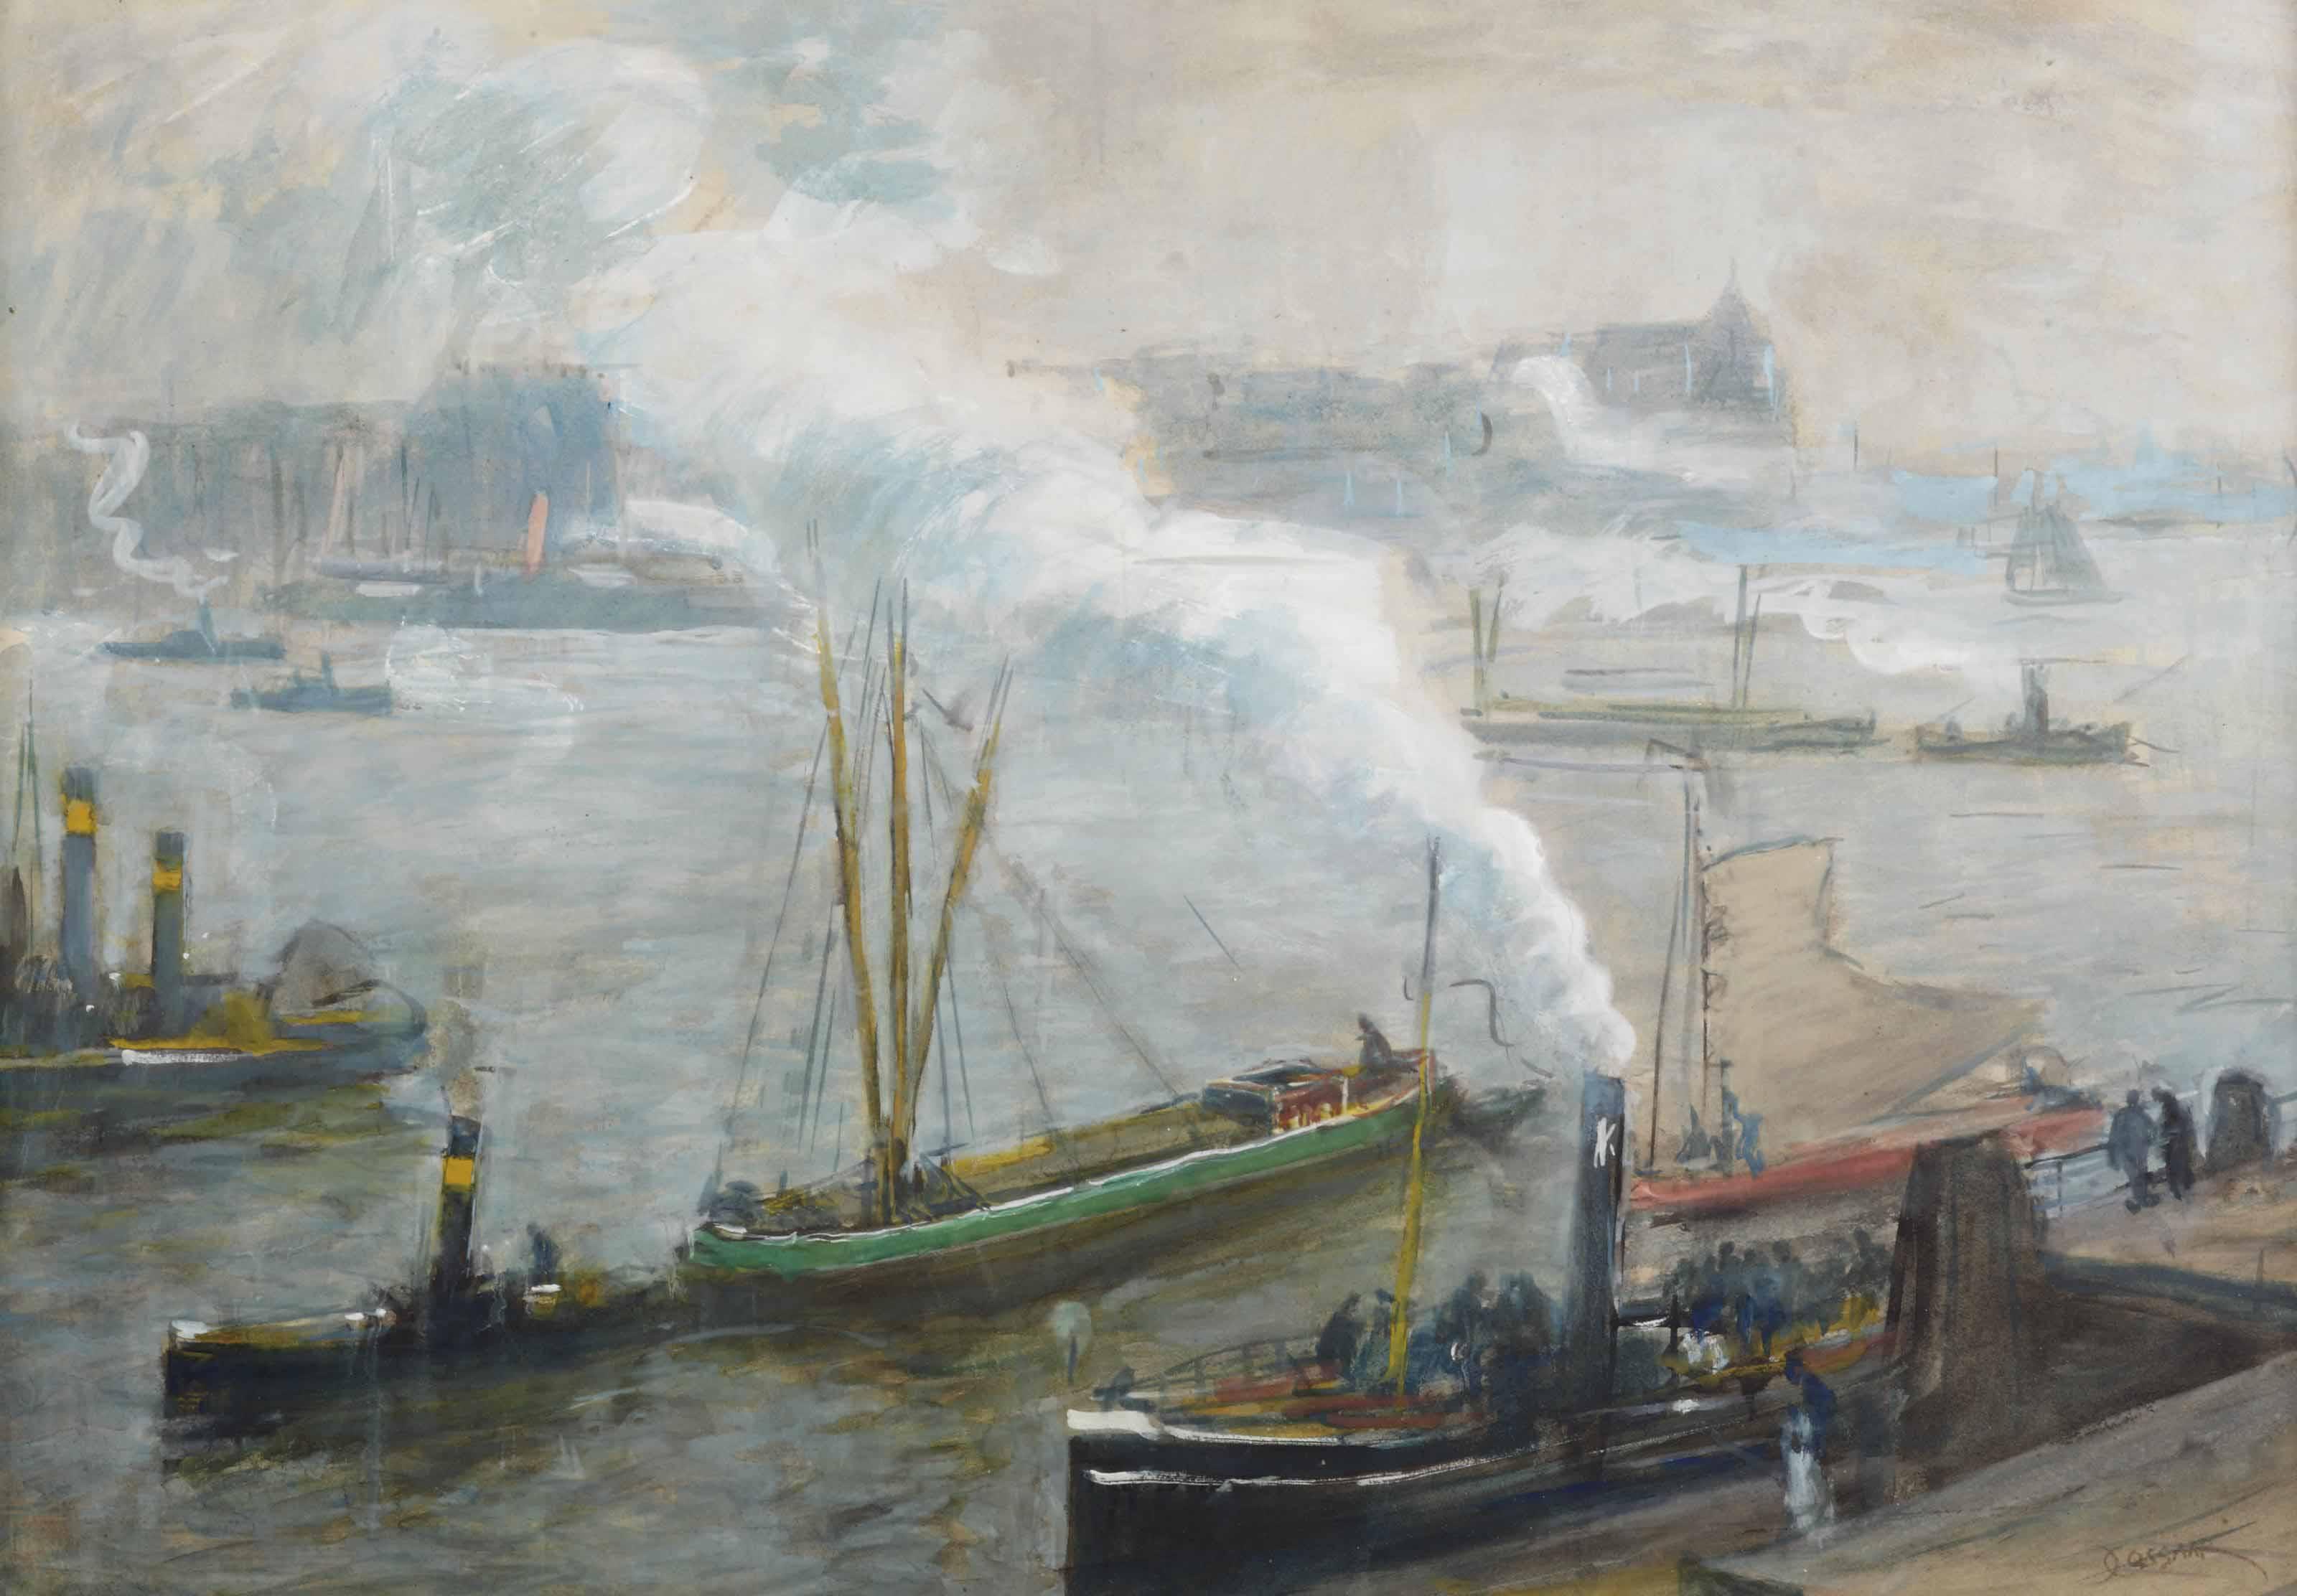 Activities in a harbour